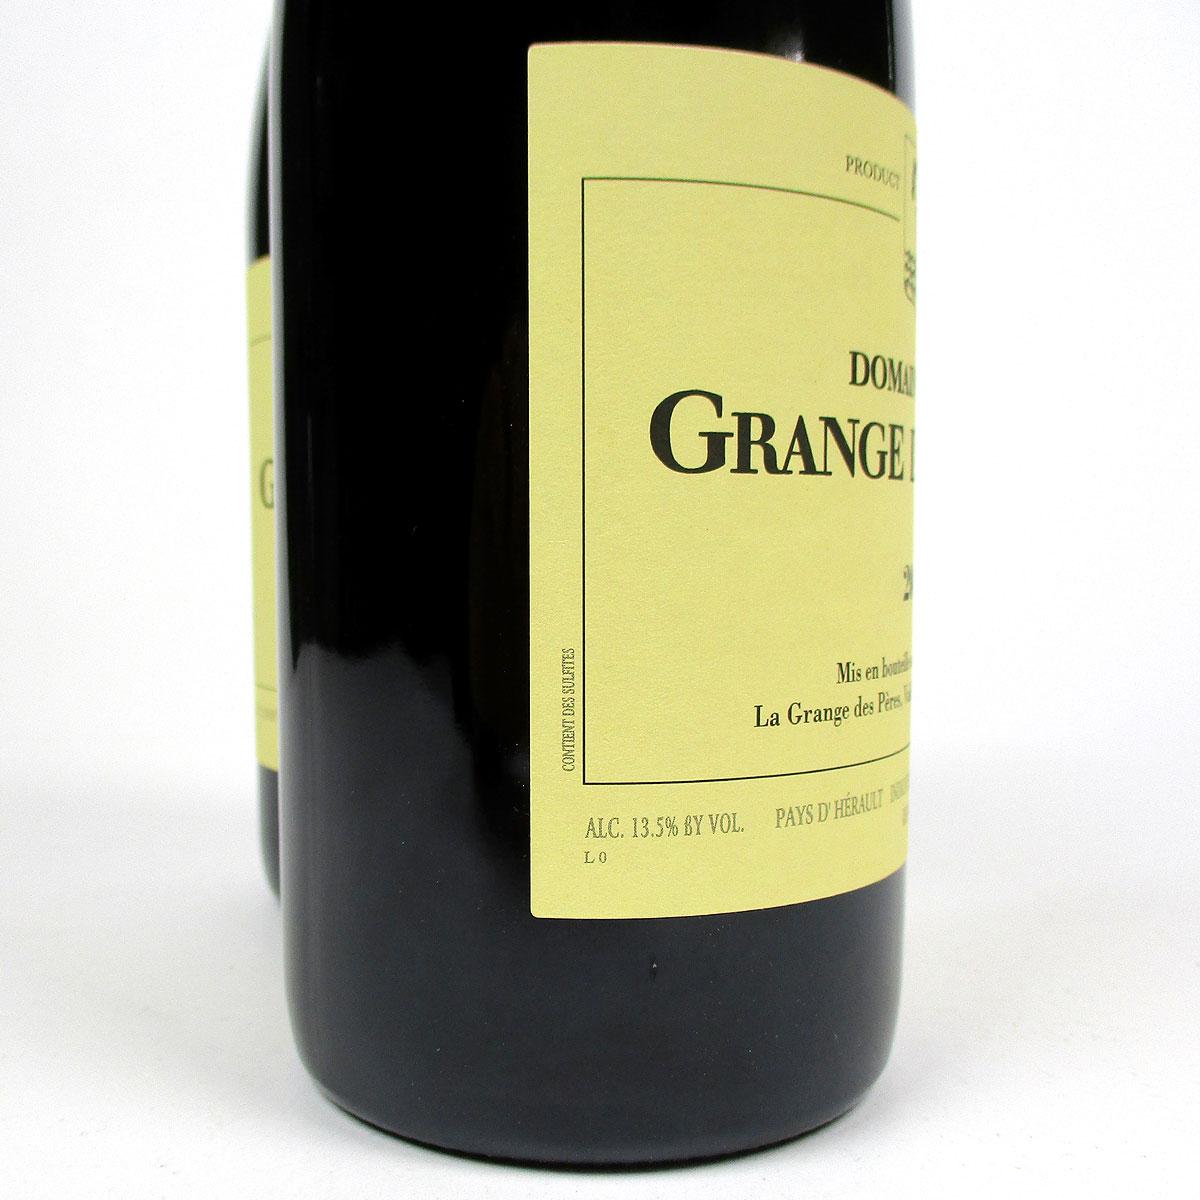 IGP Vin de Pays de l'Hérault: Domaine de La Grange des Pères 2015 - Bottle Label Side